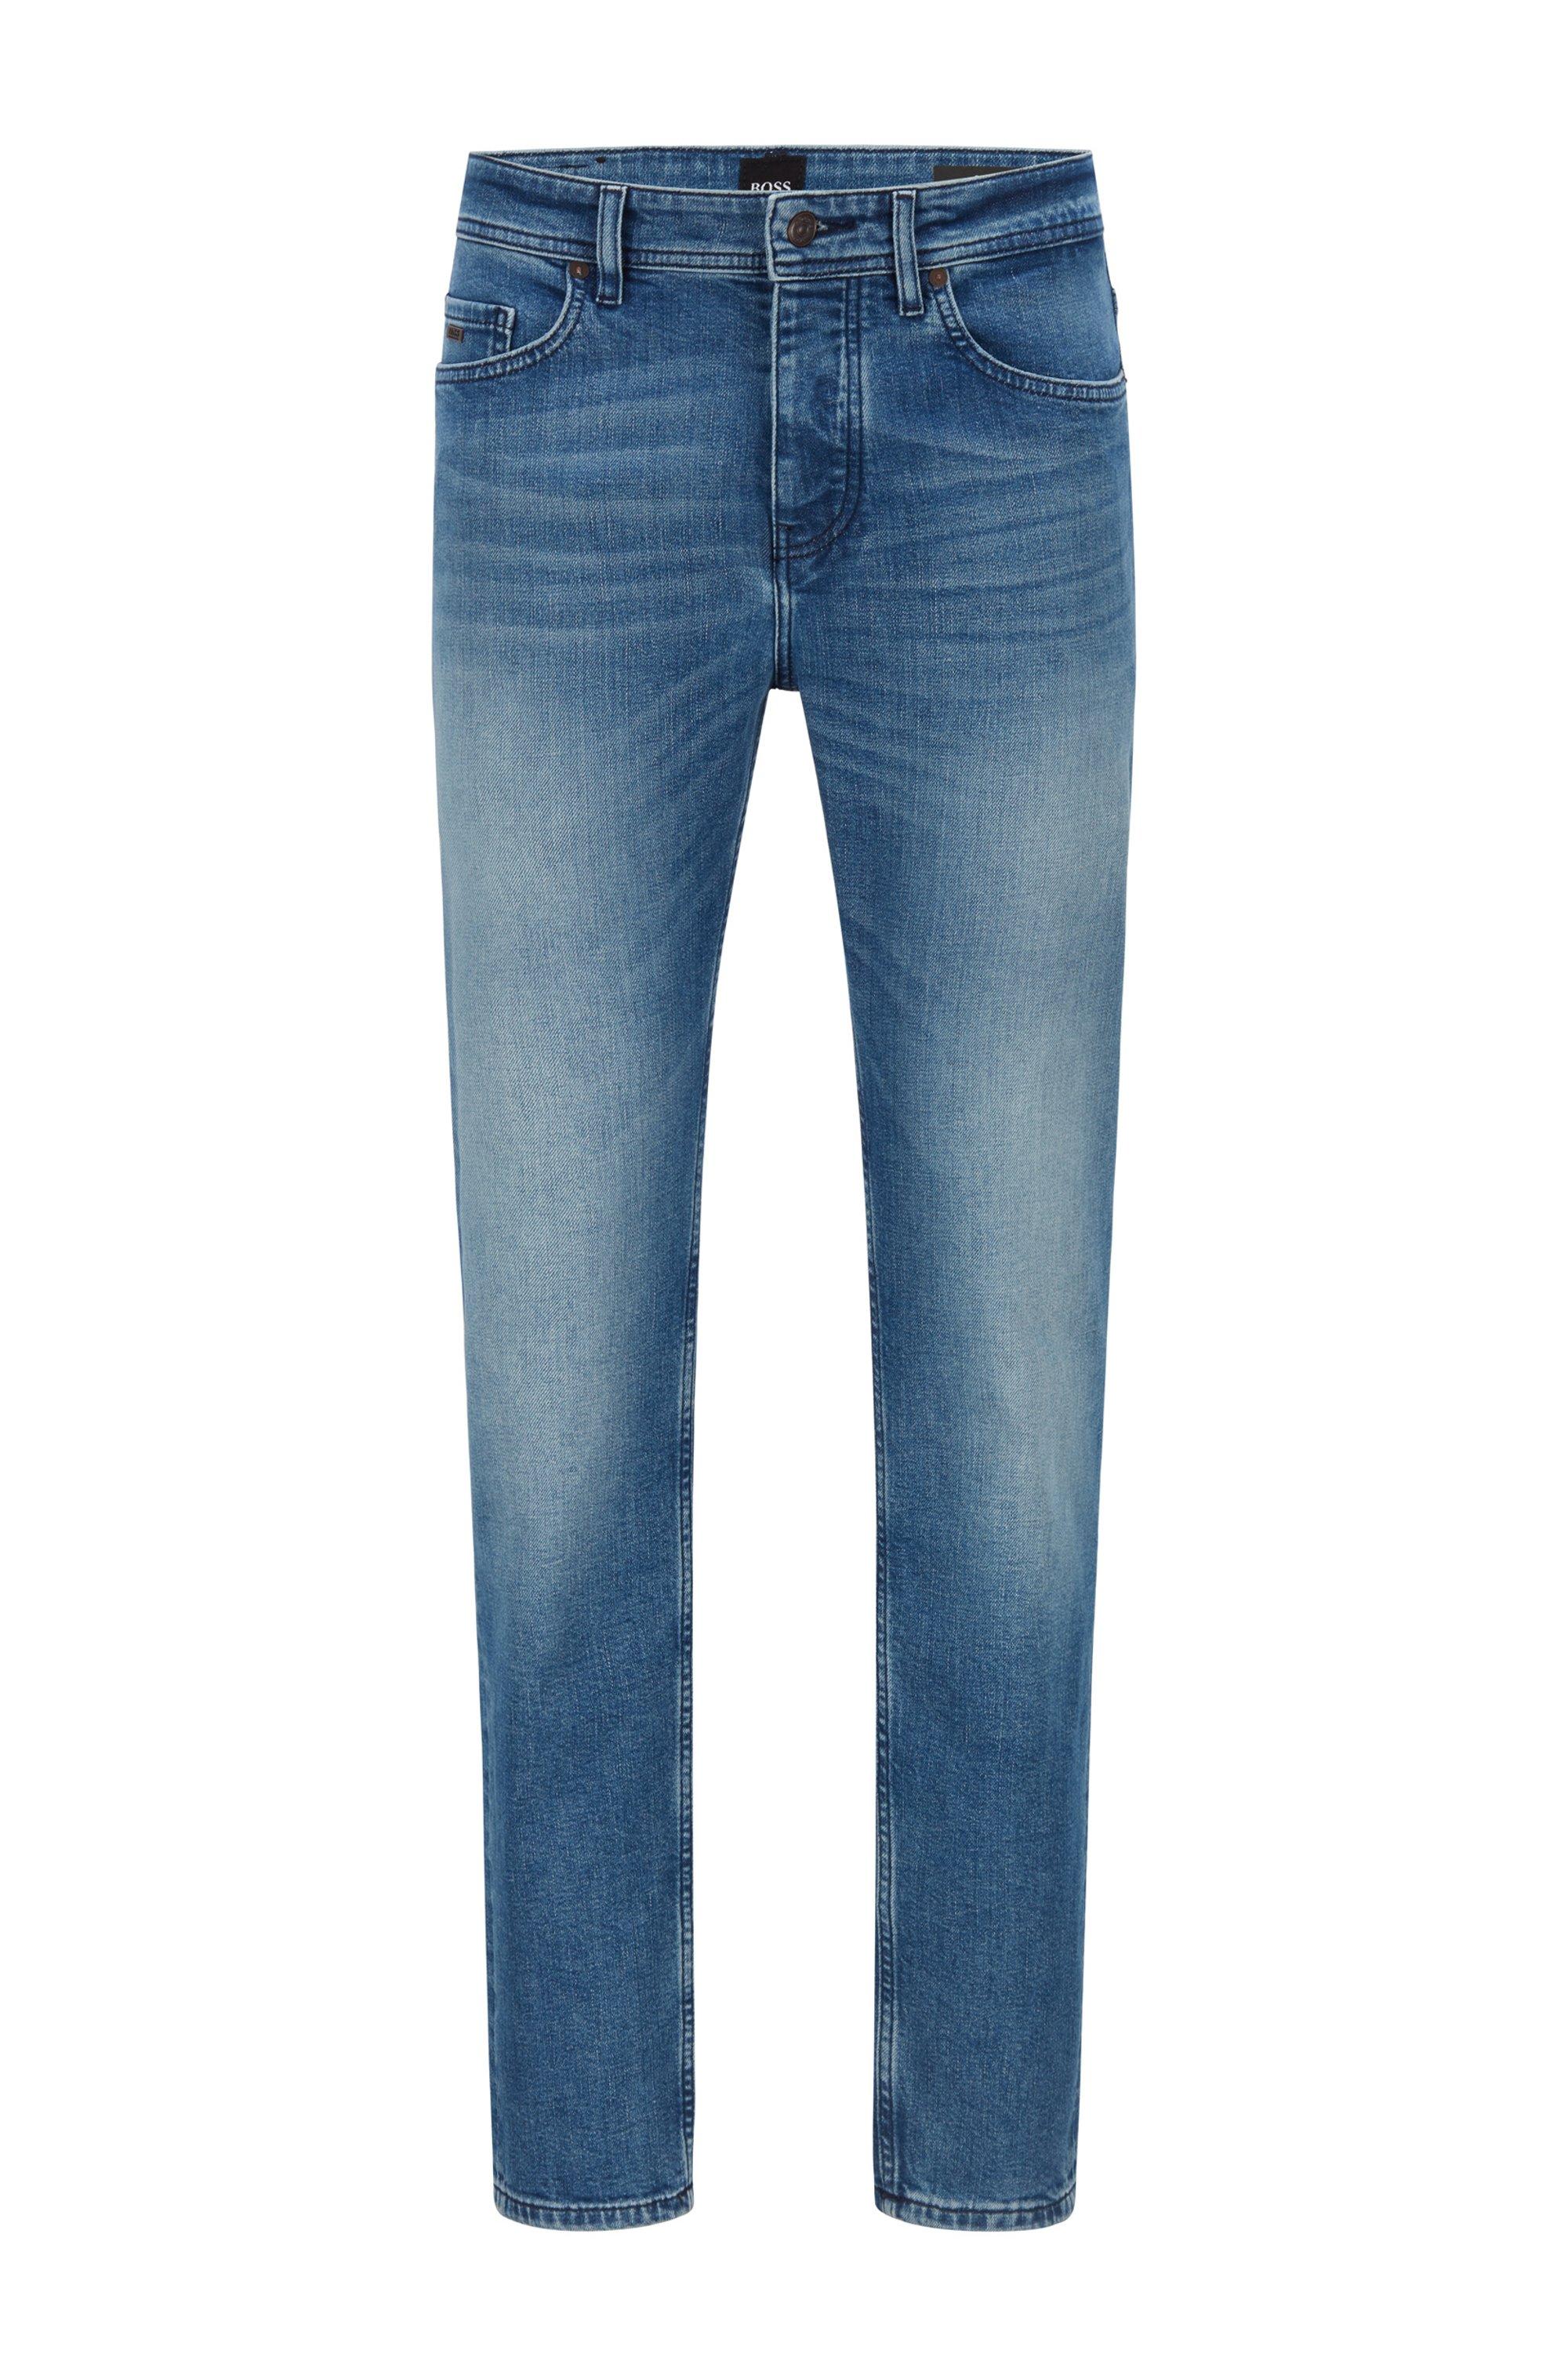 Jeans dal fit affusolato in comodo denim elasticizzato blu acceso, Blu